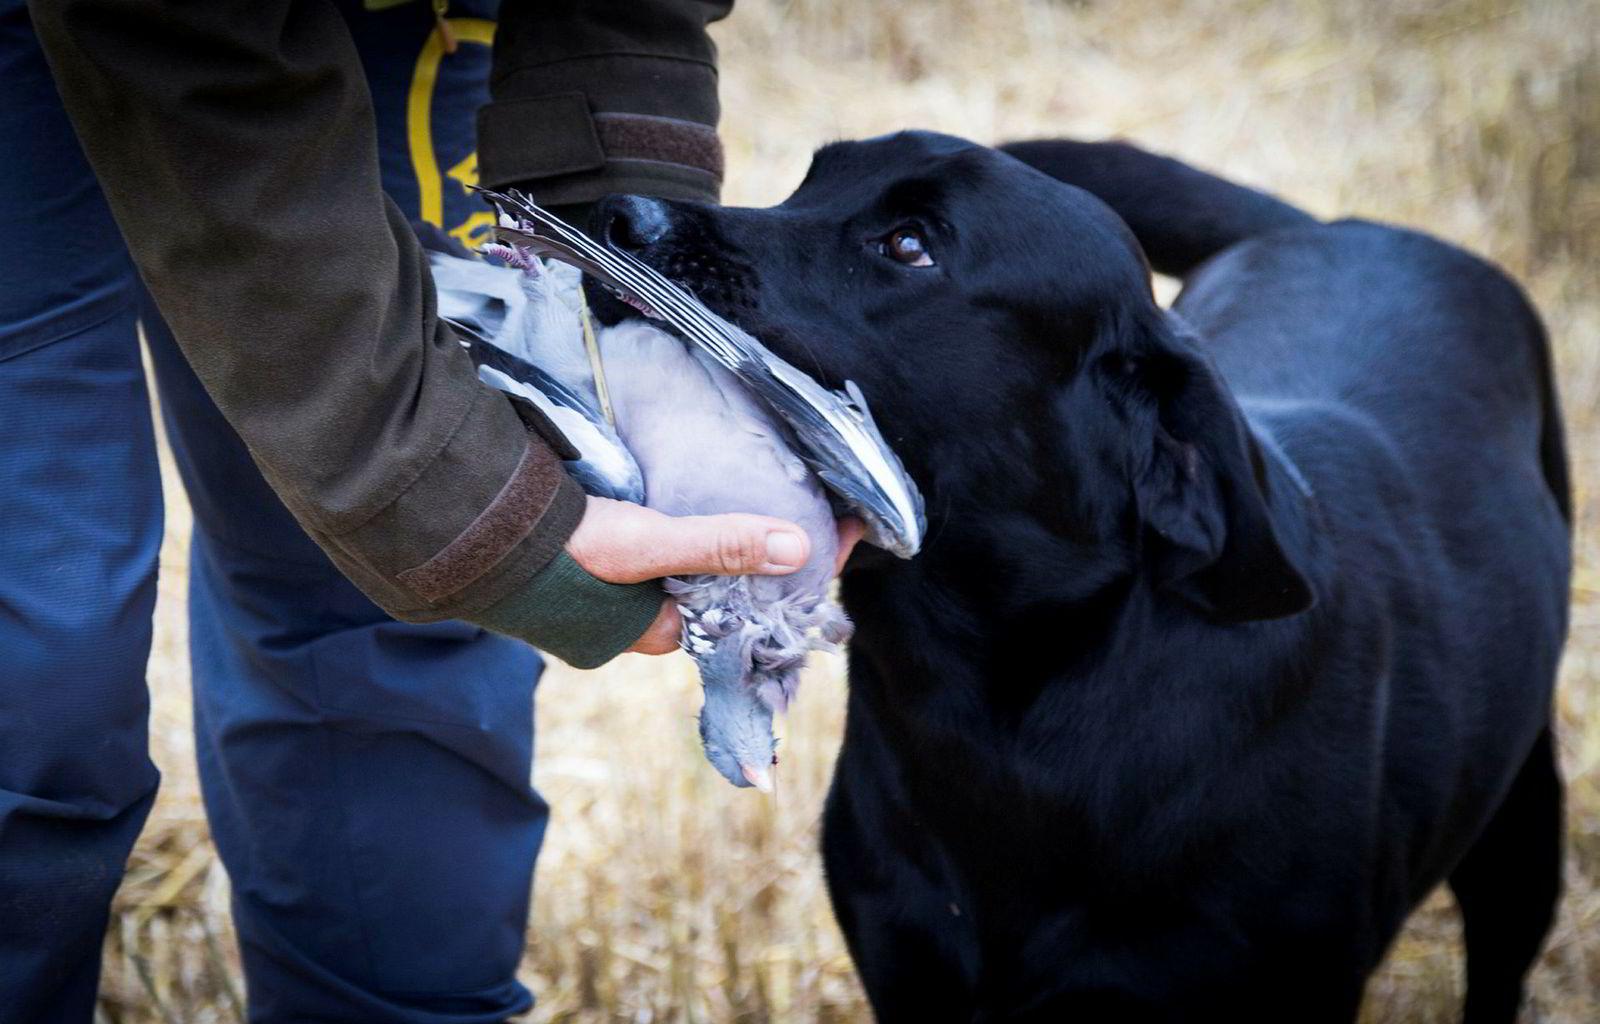 Jaktlabradoren Fenrik avleverer en av de felte duene etter å ha apportert.